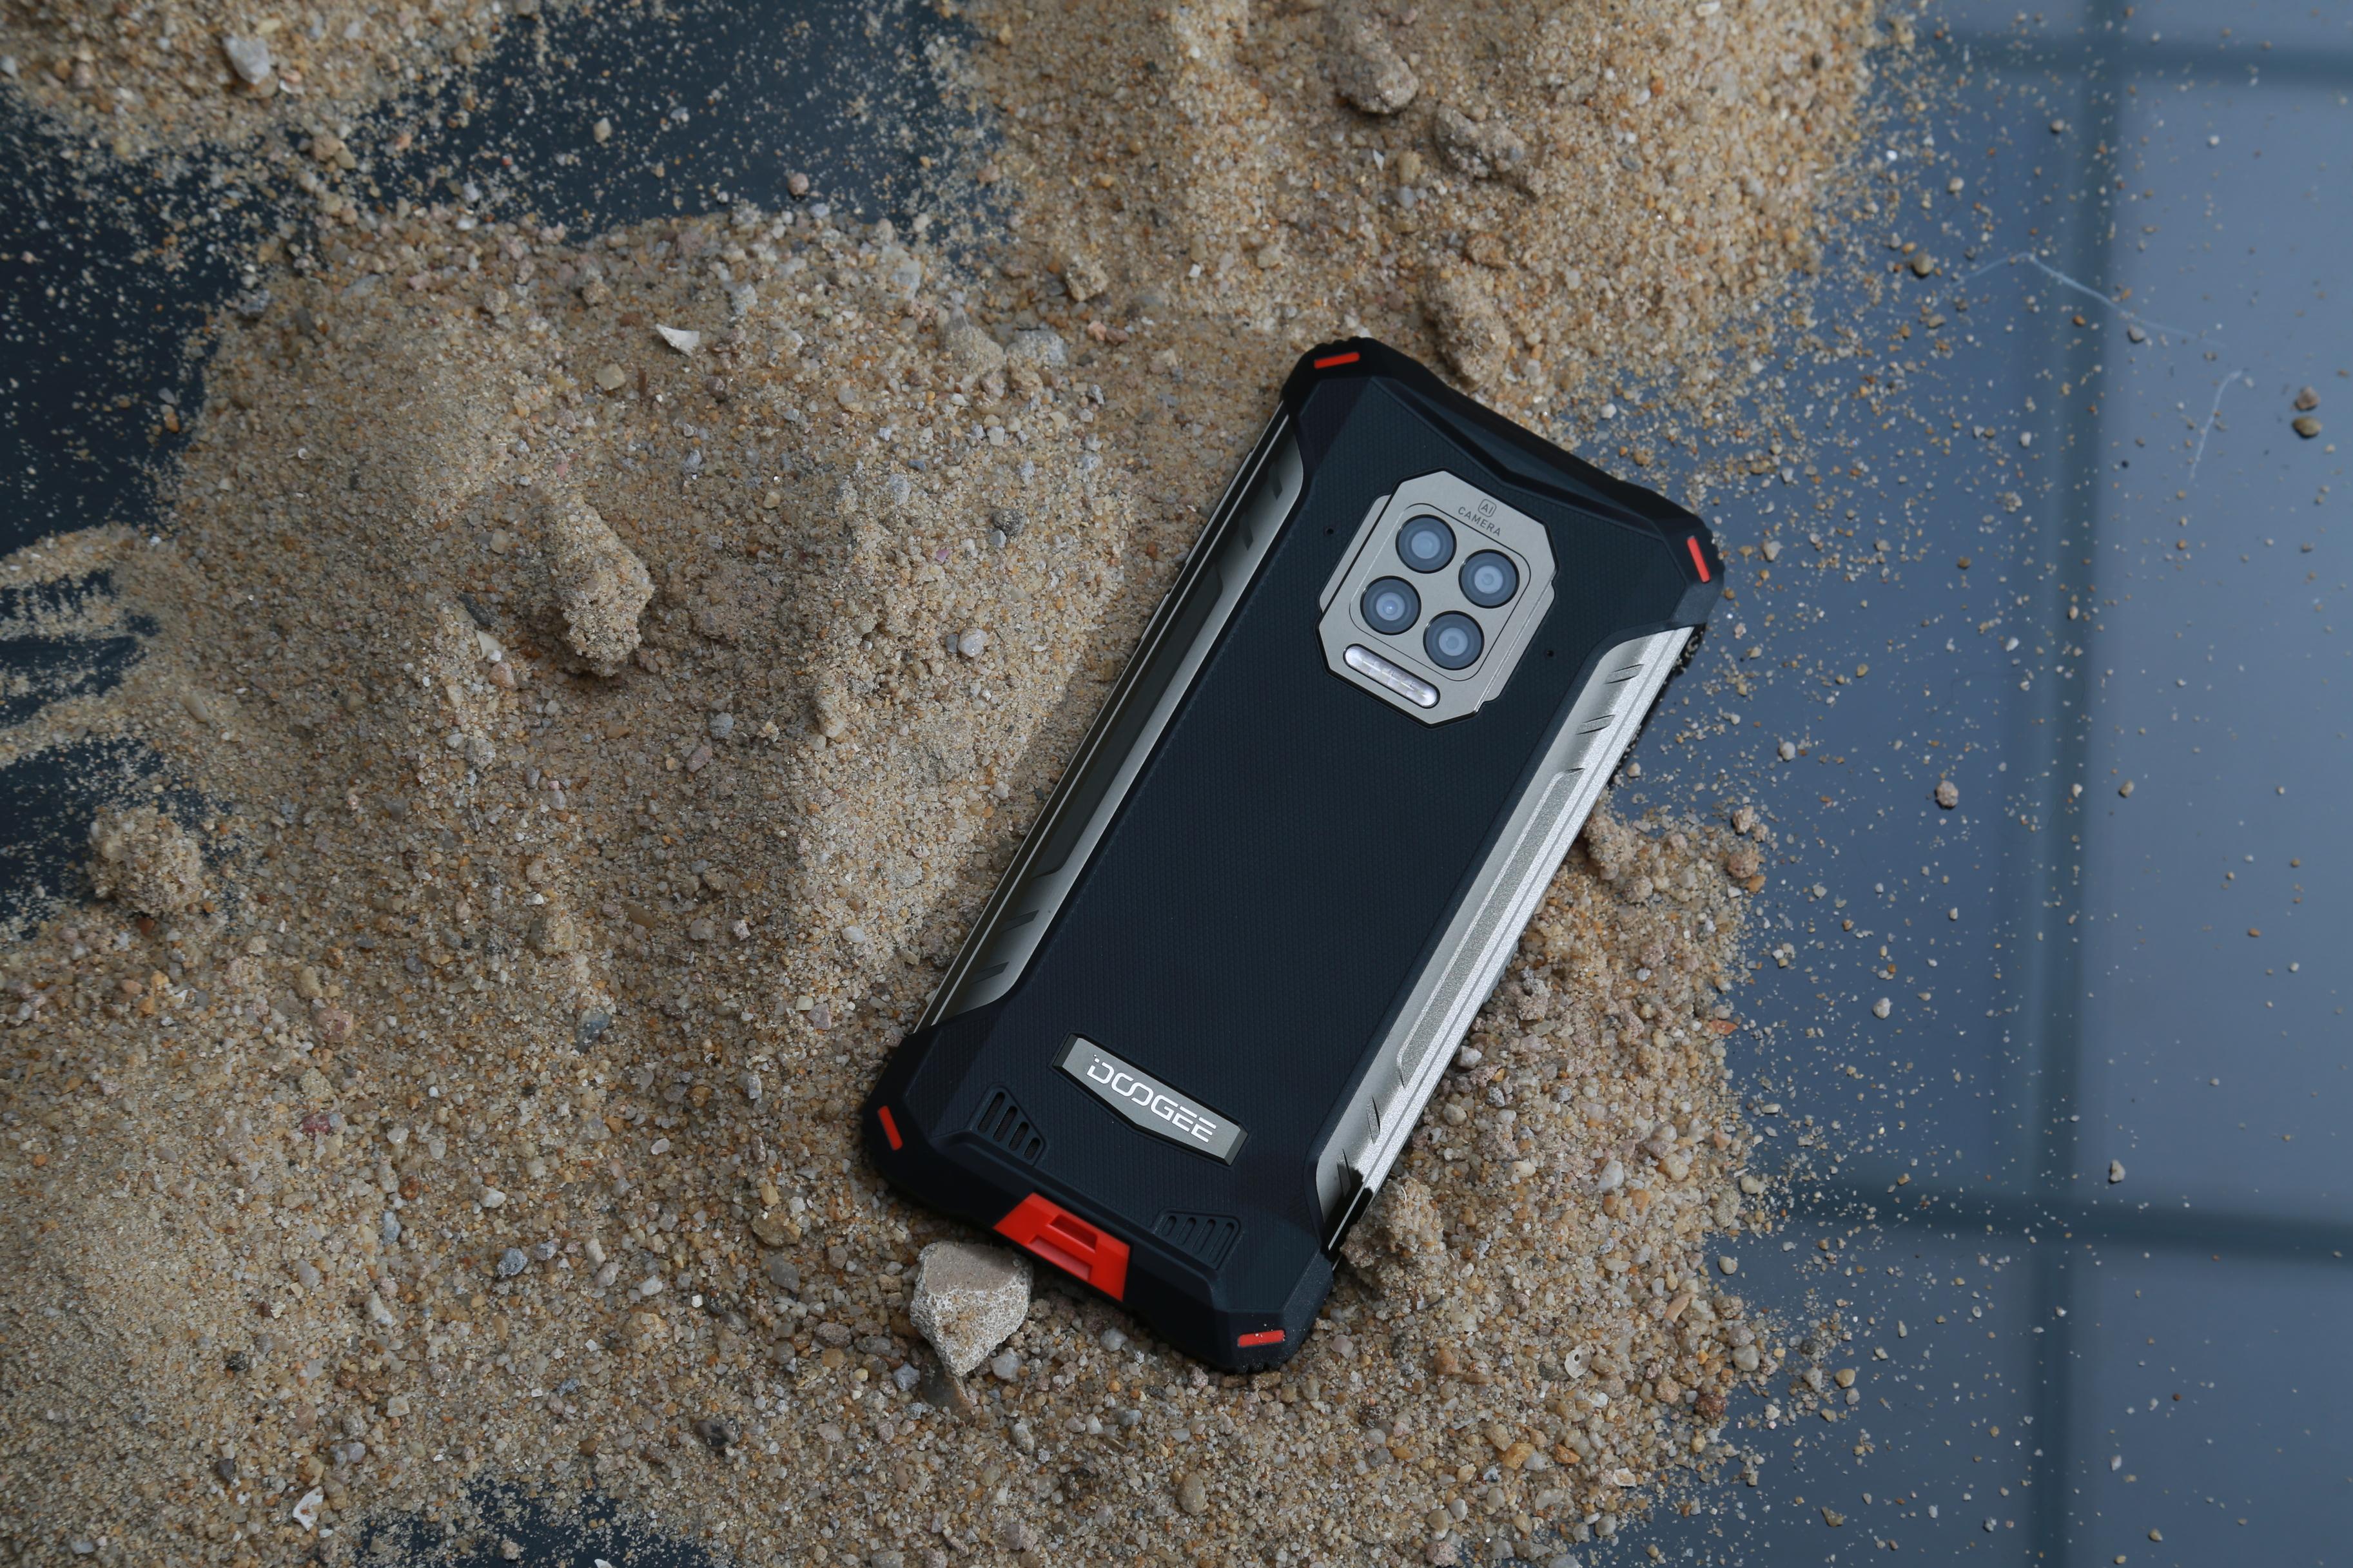 В Россию привезли защищённый смартфон с батареей на 8500 мАч